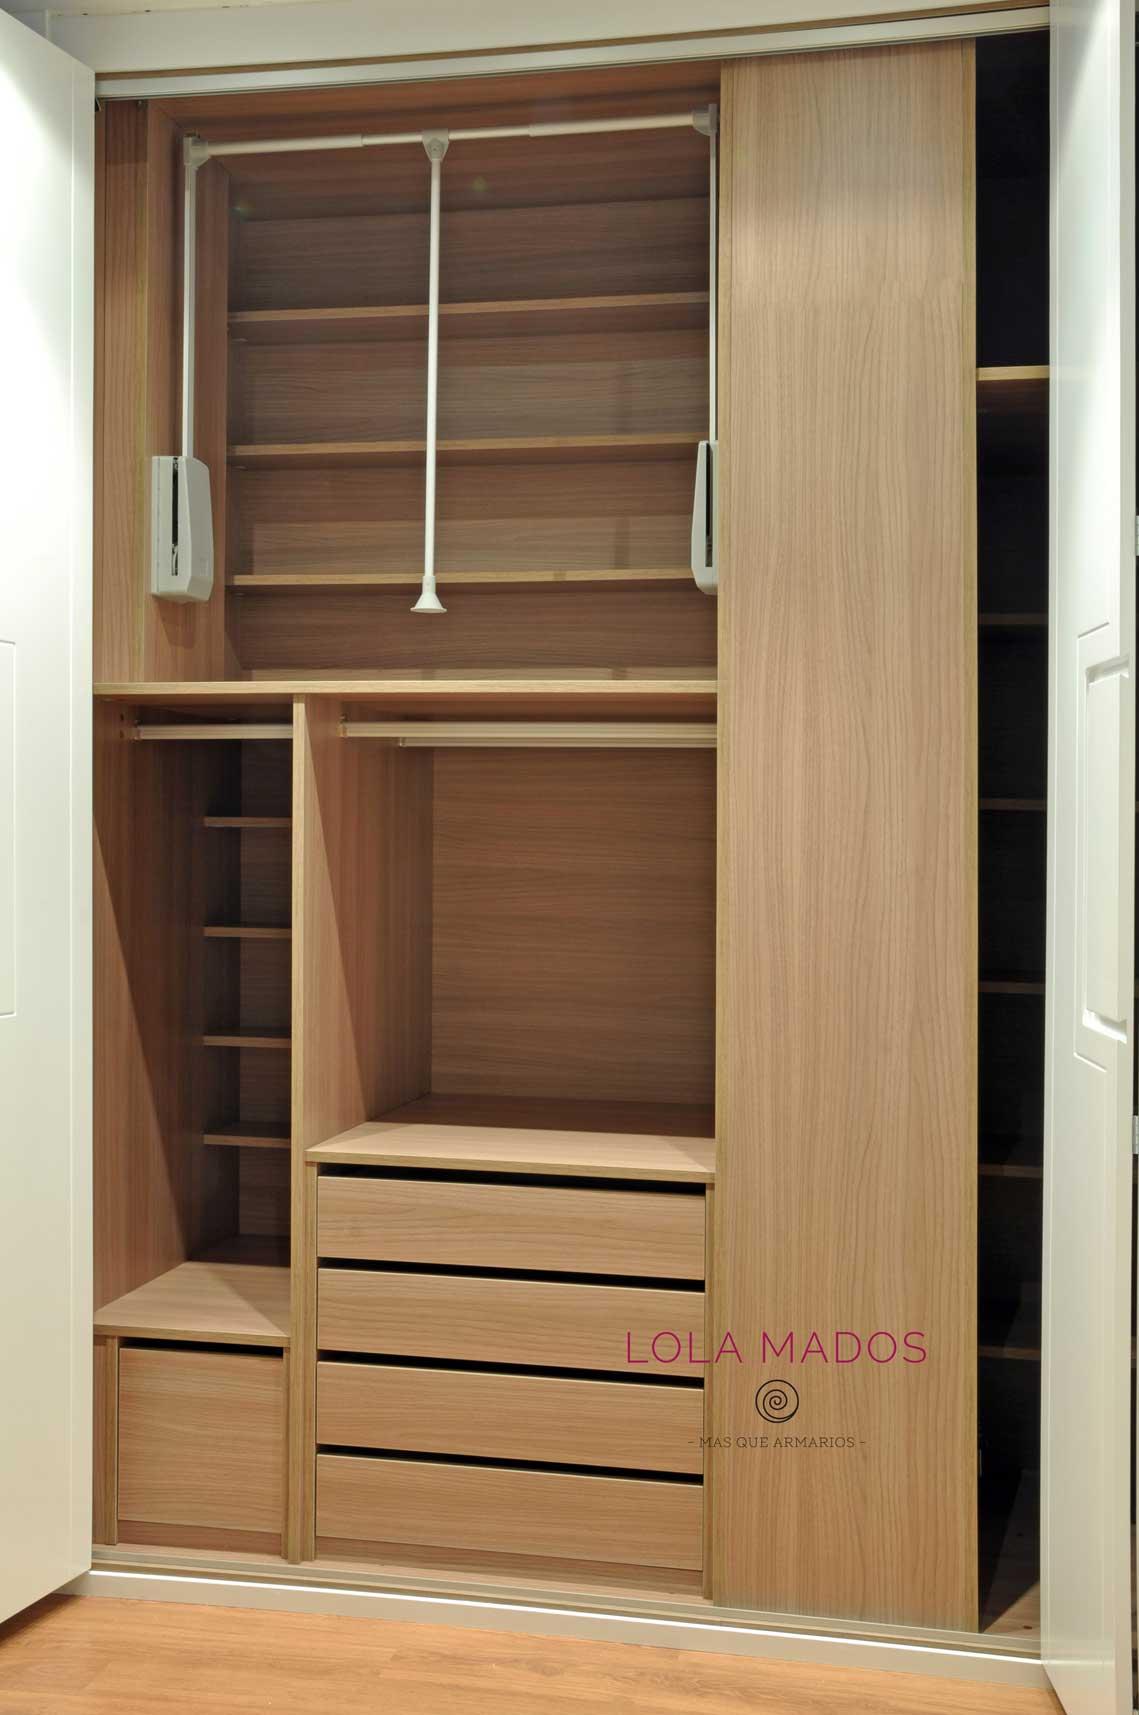 Hacer interior de armarios empotrados a medida blancos for Puertas roperos empotrados ikea